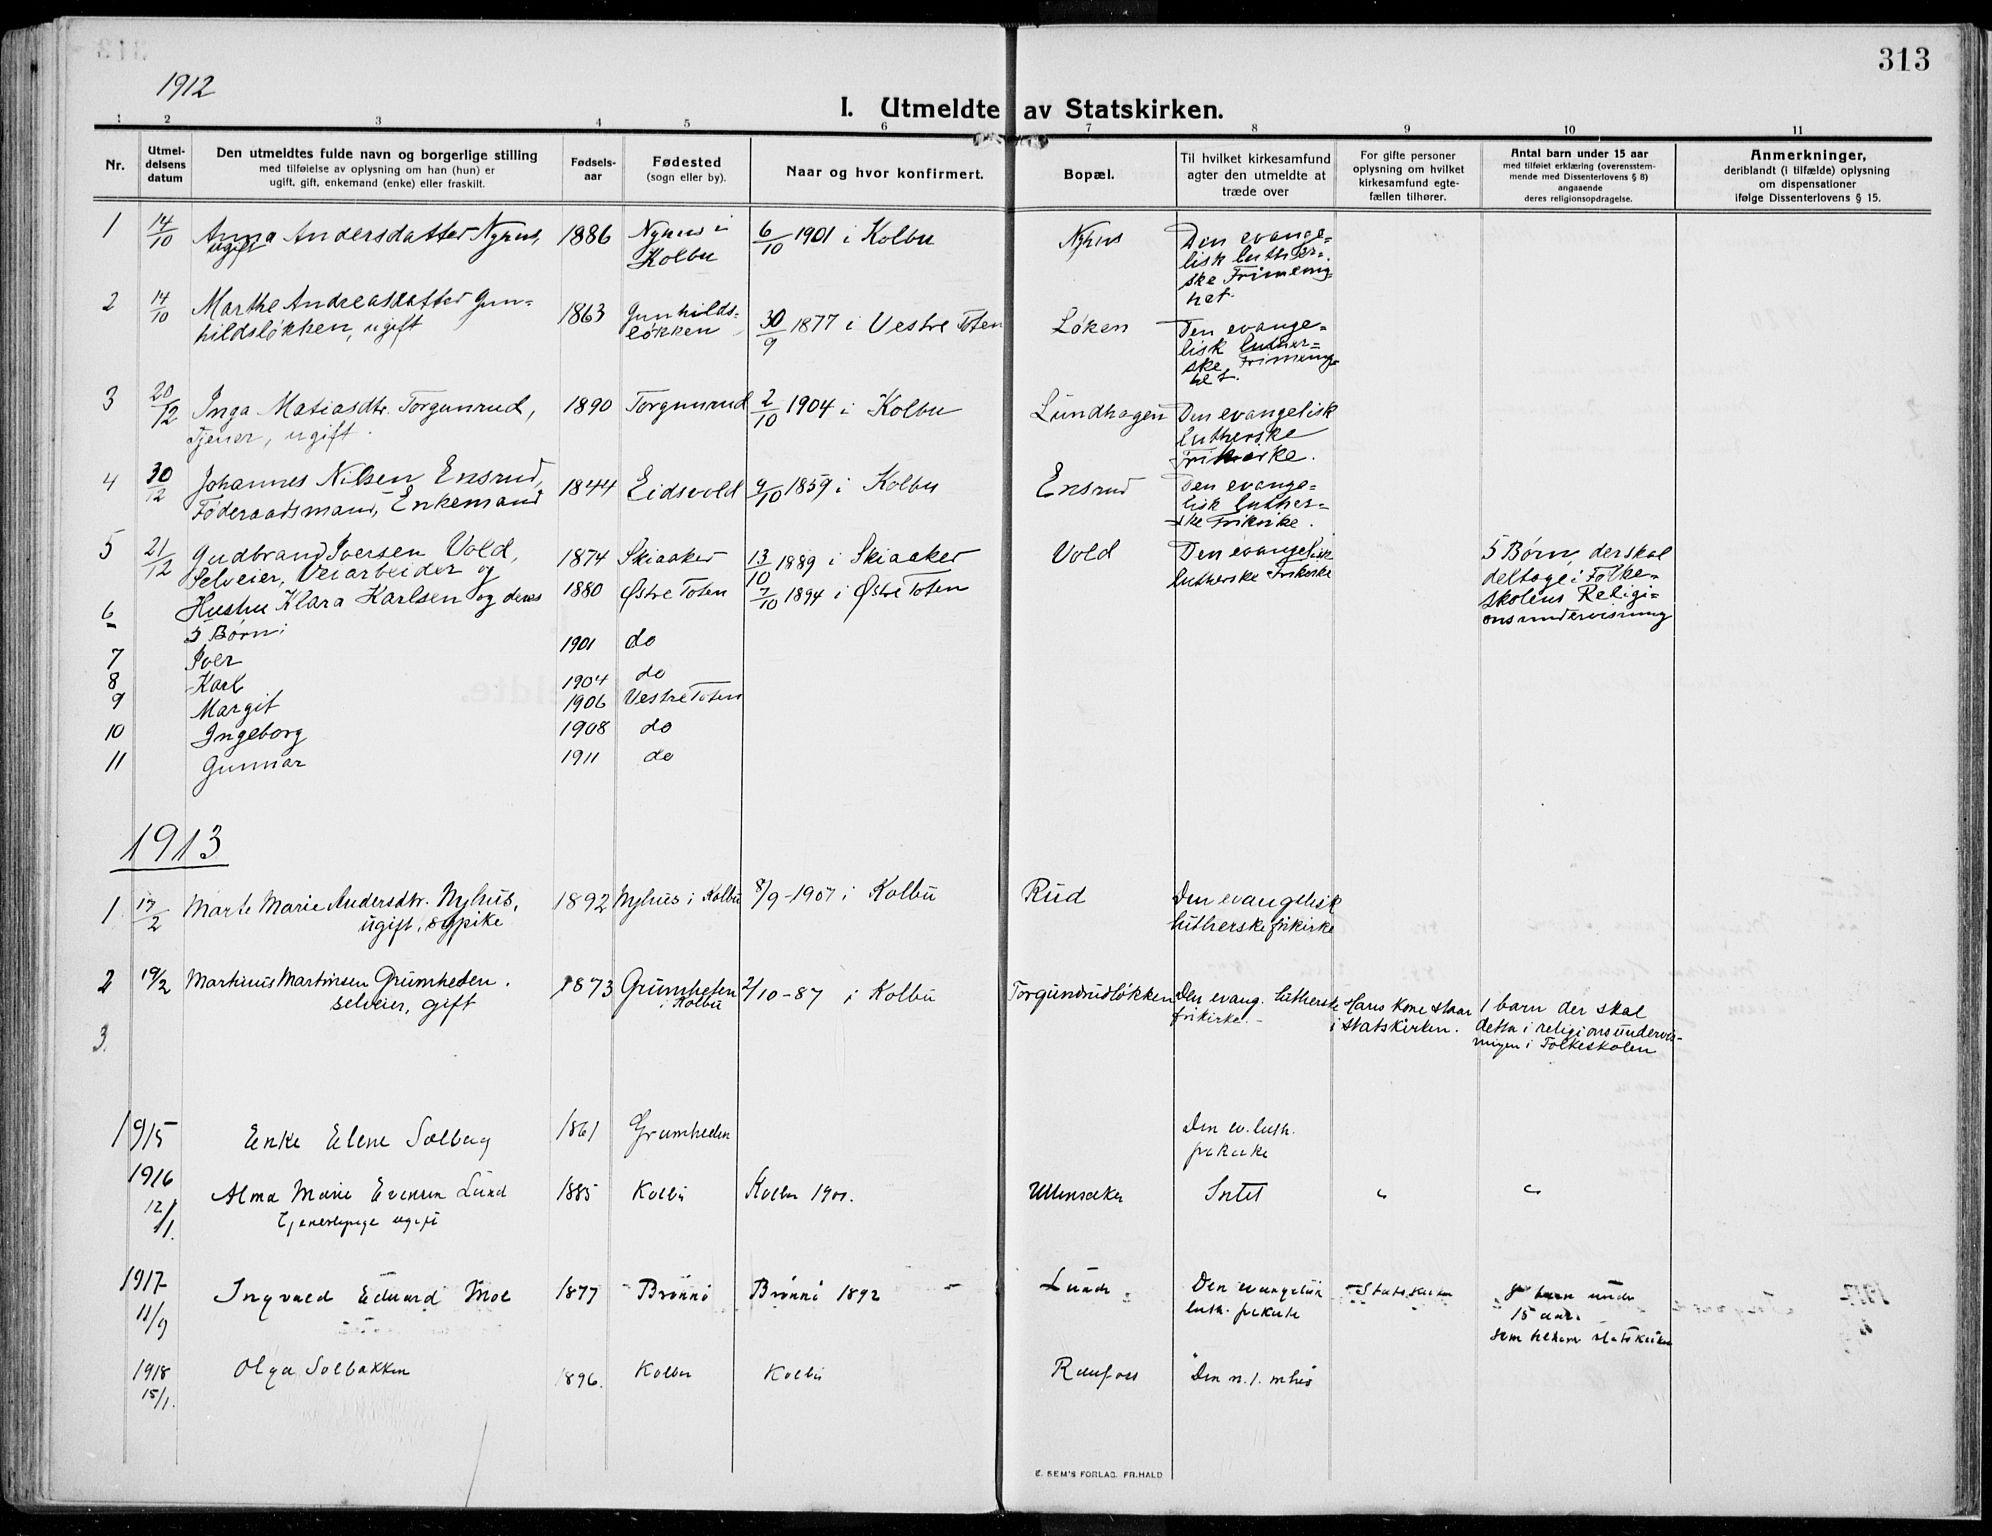 SAH, Kolbu prestekontor, Ministerialbok nr. 2, 1912-1926, s. 313